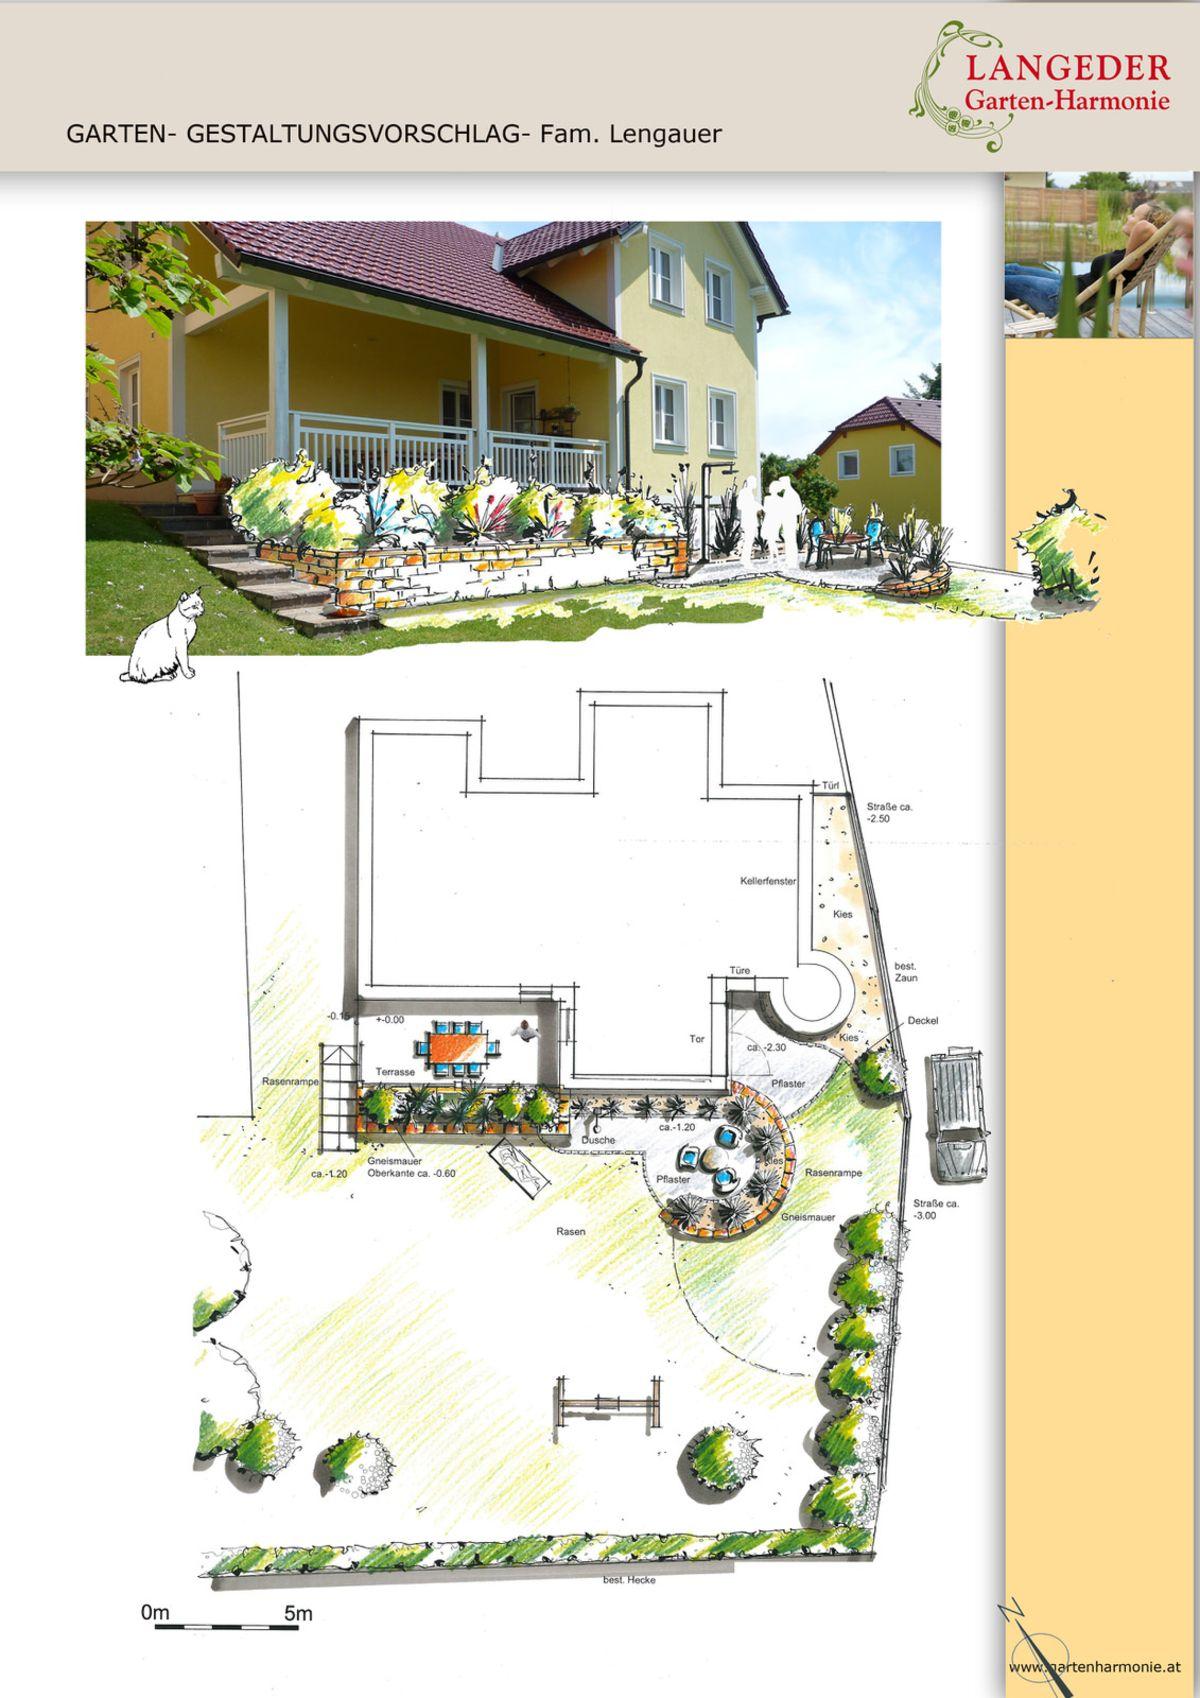 gartenplanung - langeder gartenharmonie, Garten und erstellen